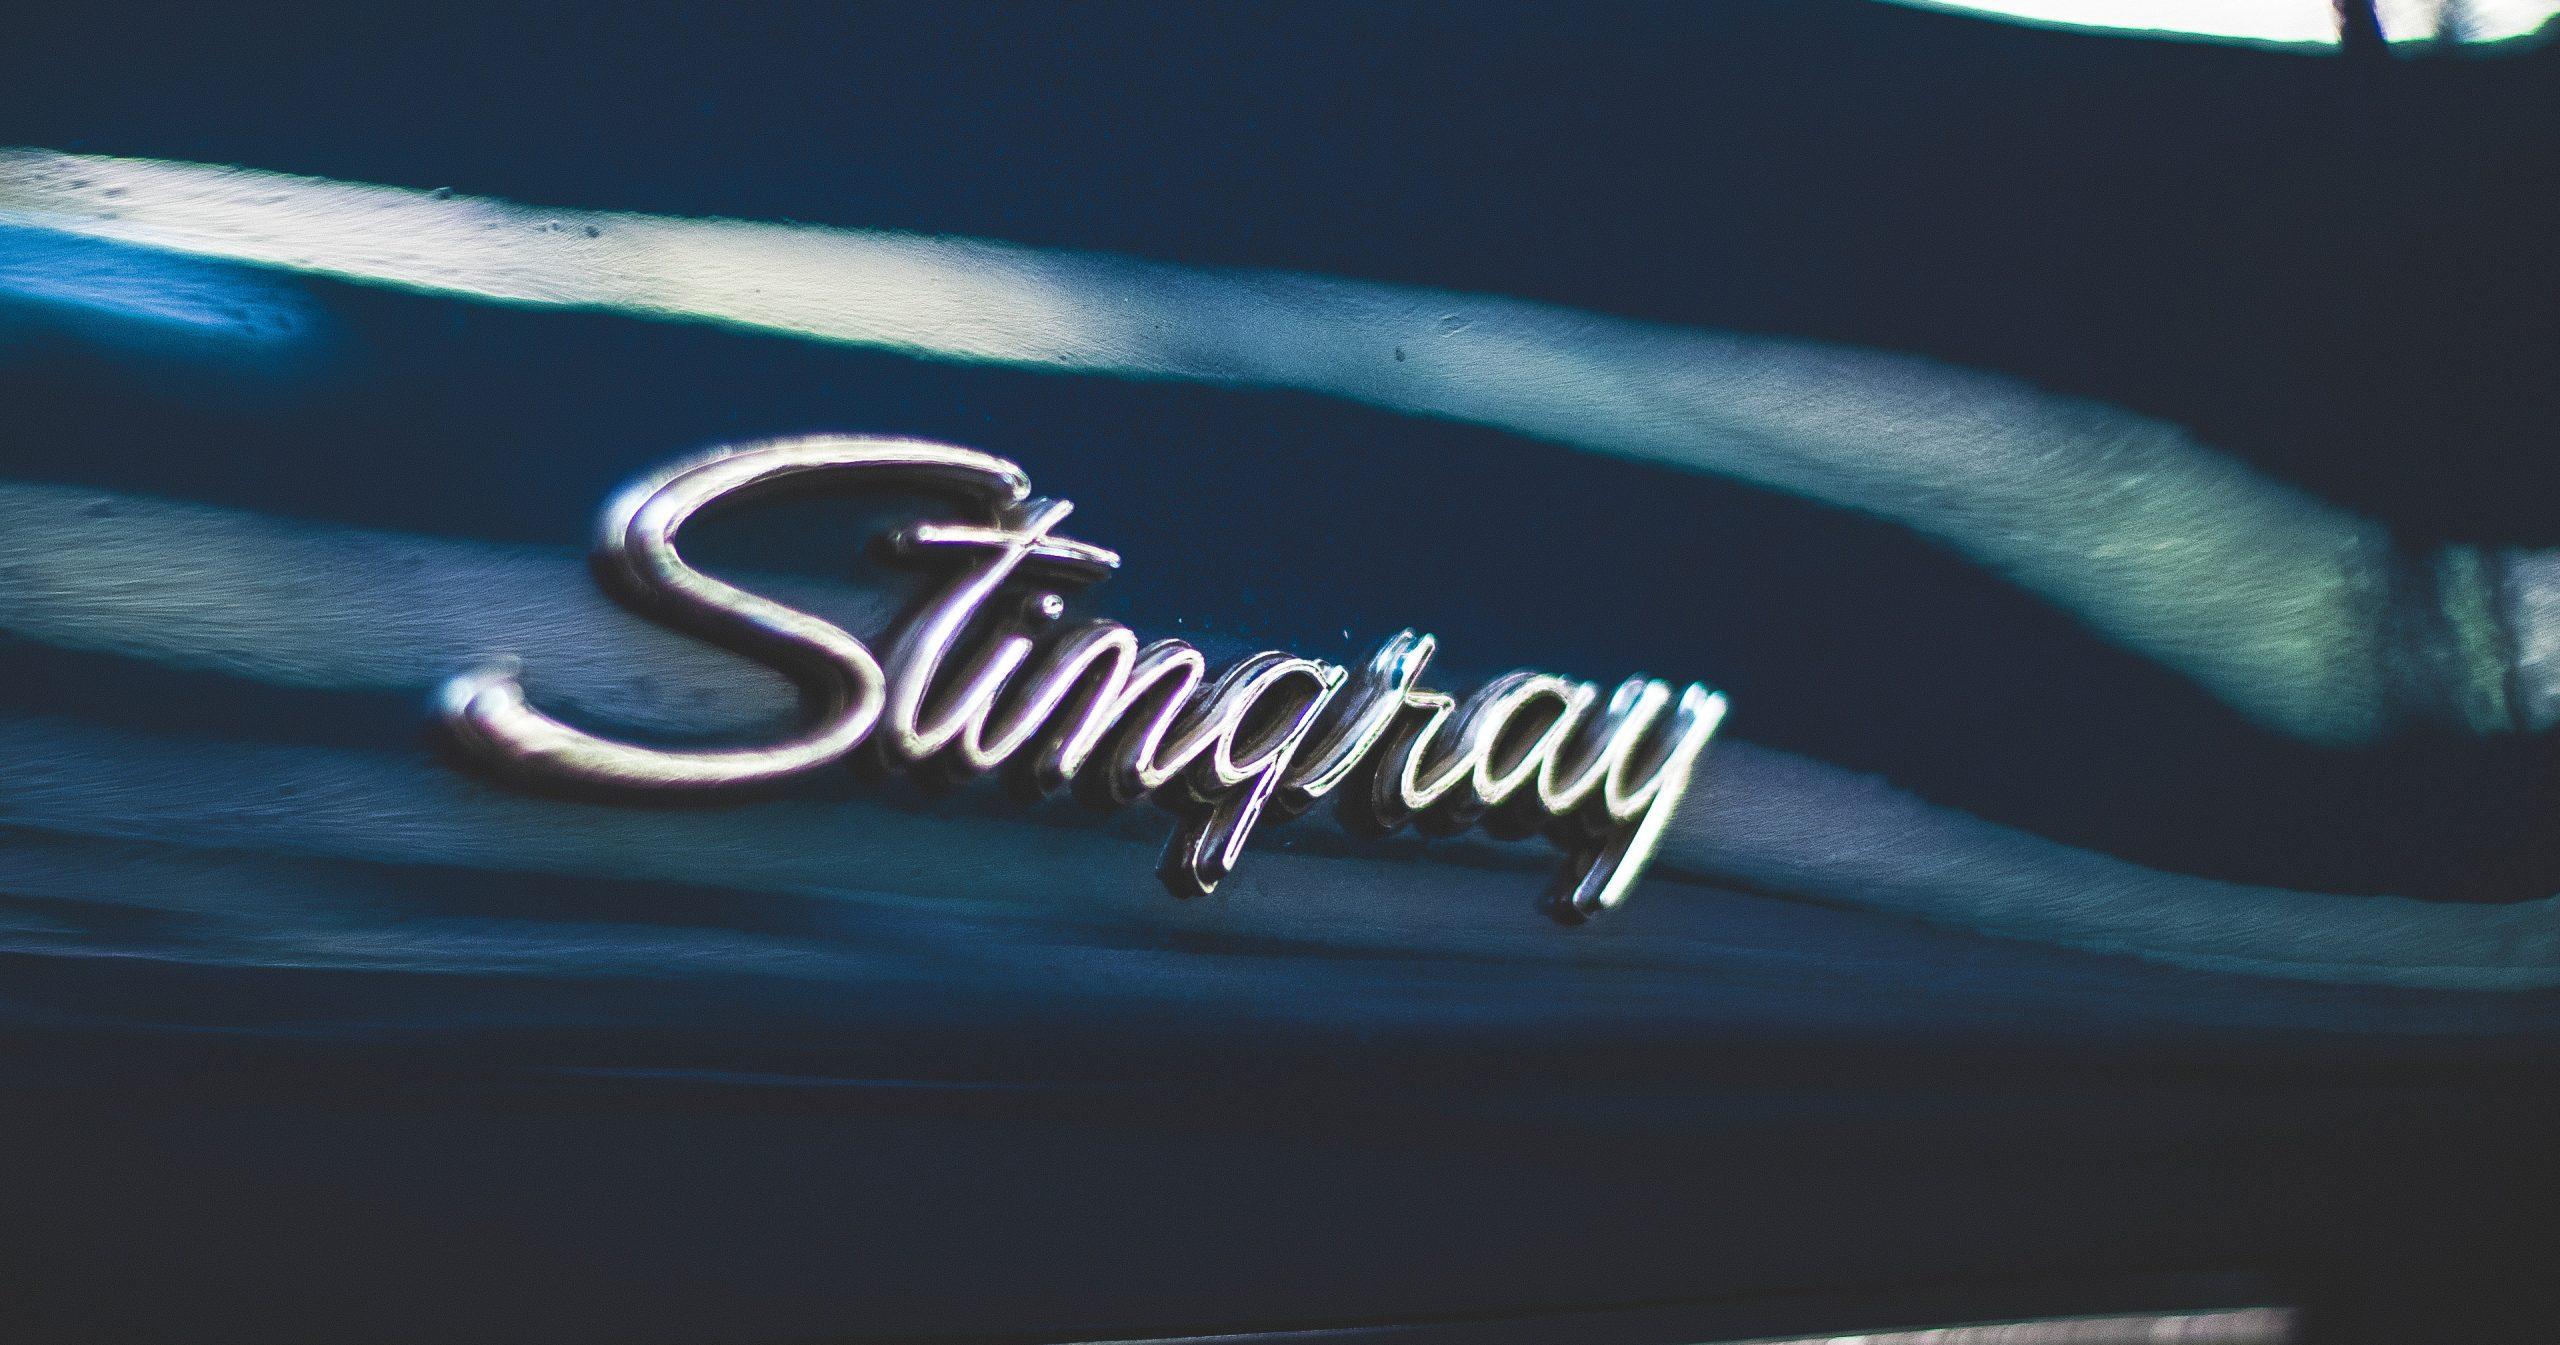 Stingray Corvette Emblem